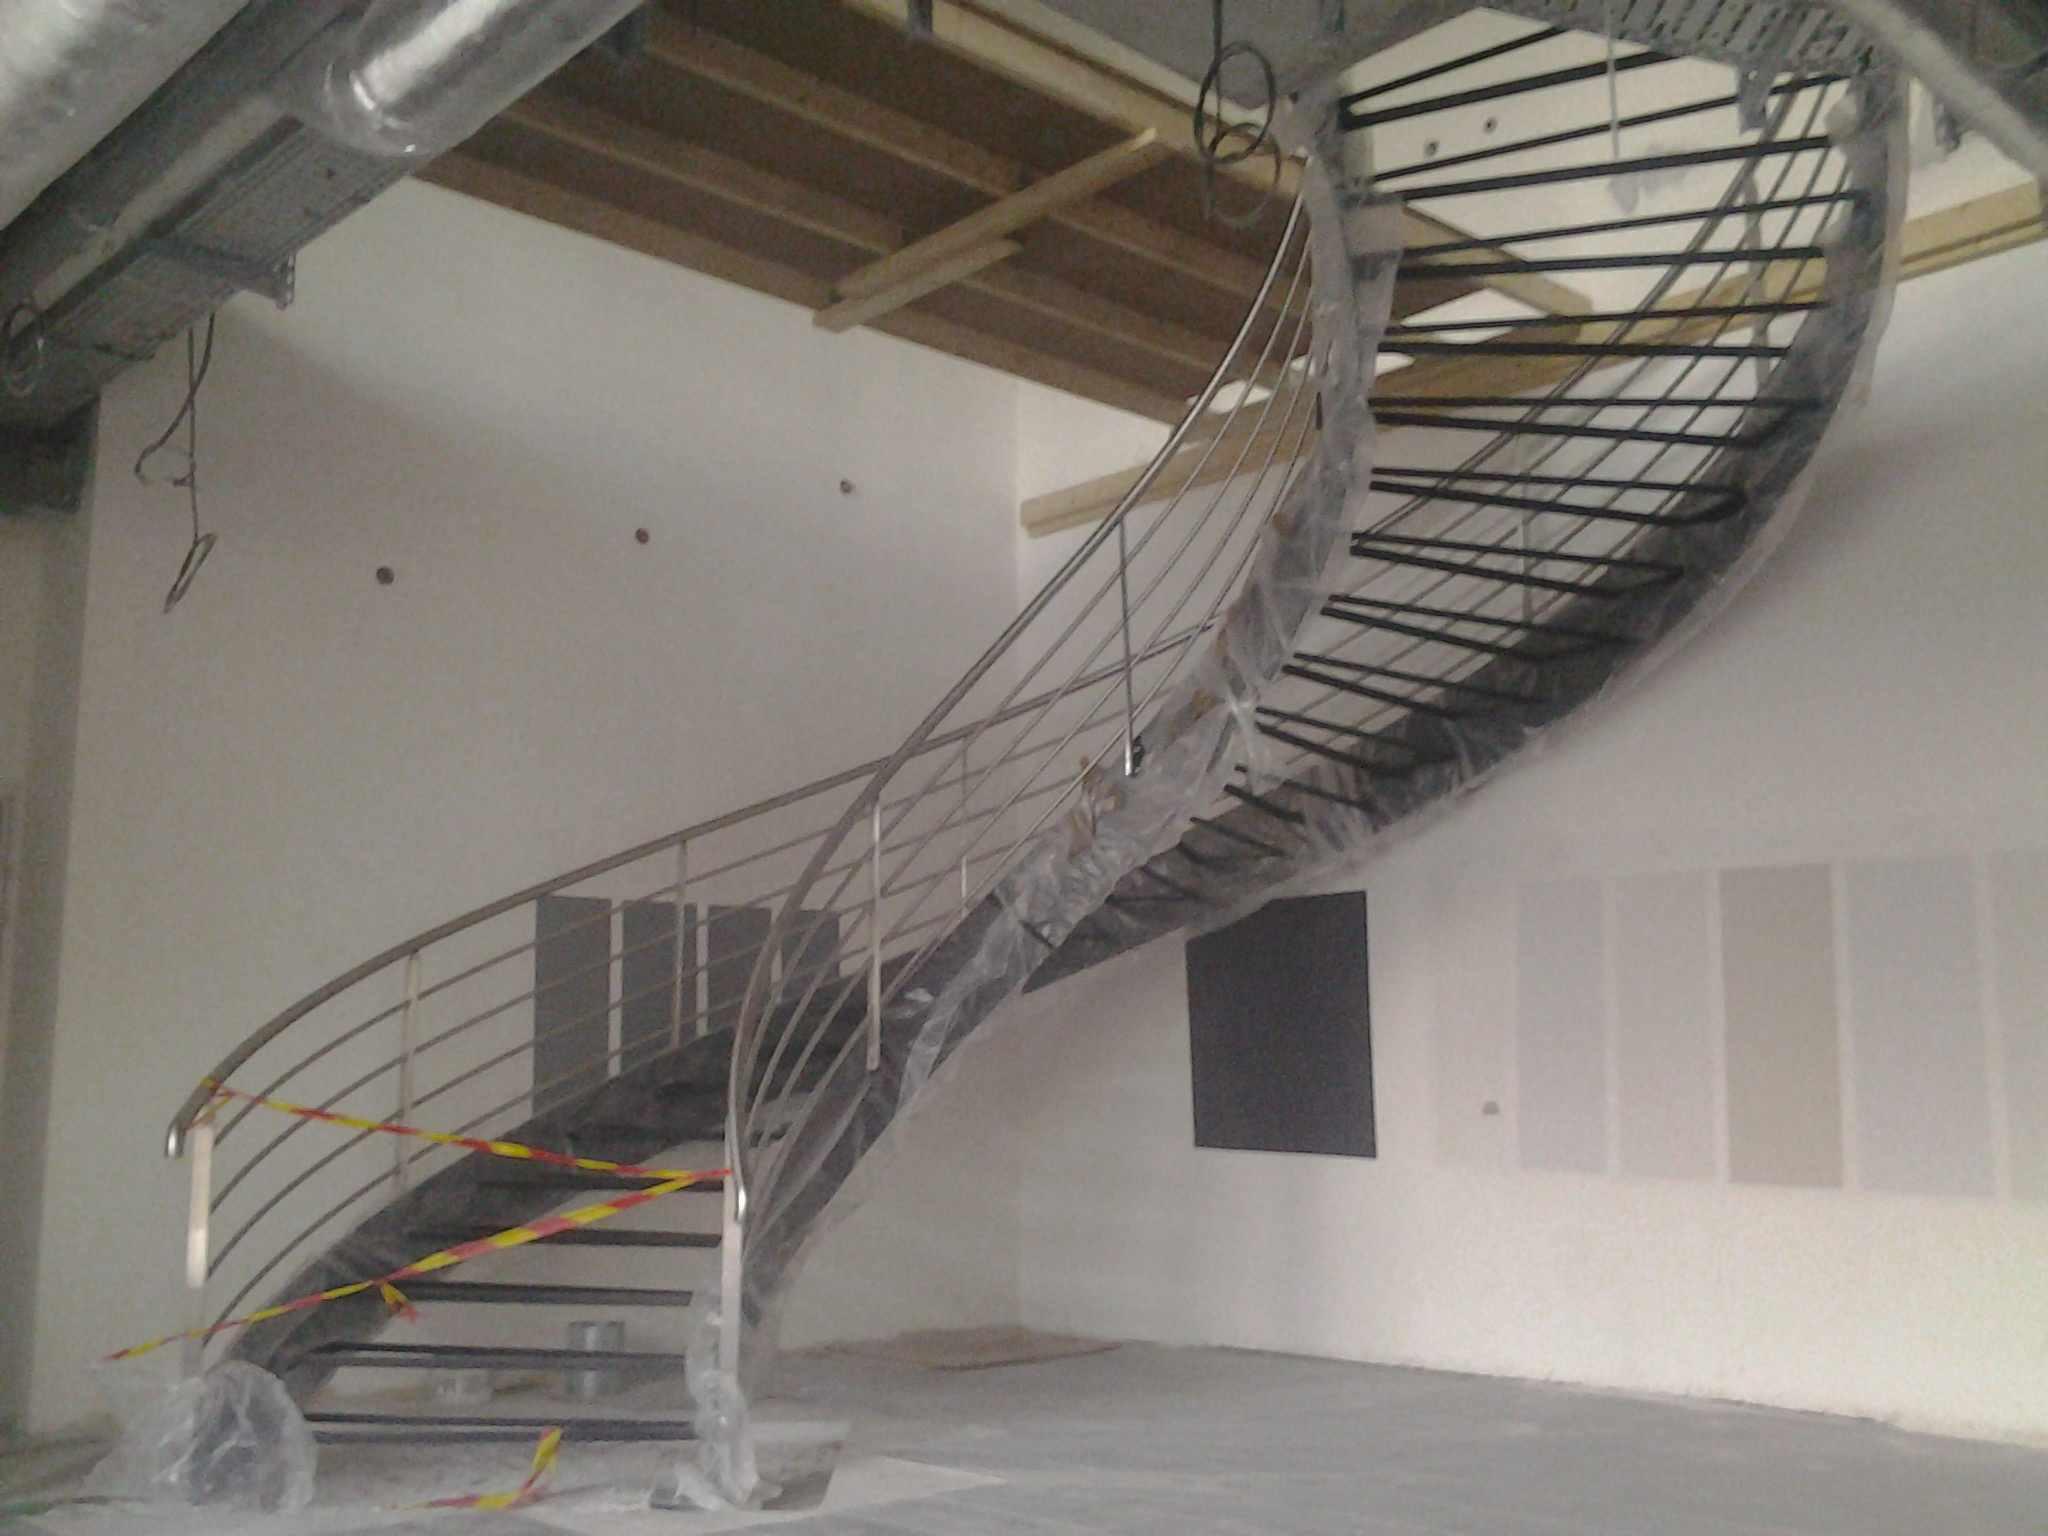 faire fabriquer et installer des escaliers sg concept. Black Bedroom Furniture Sets. Home Design Ideas